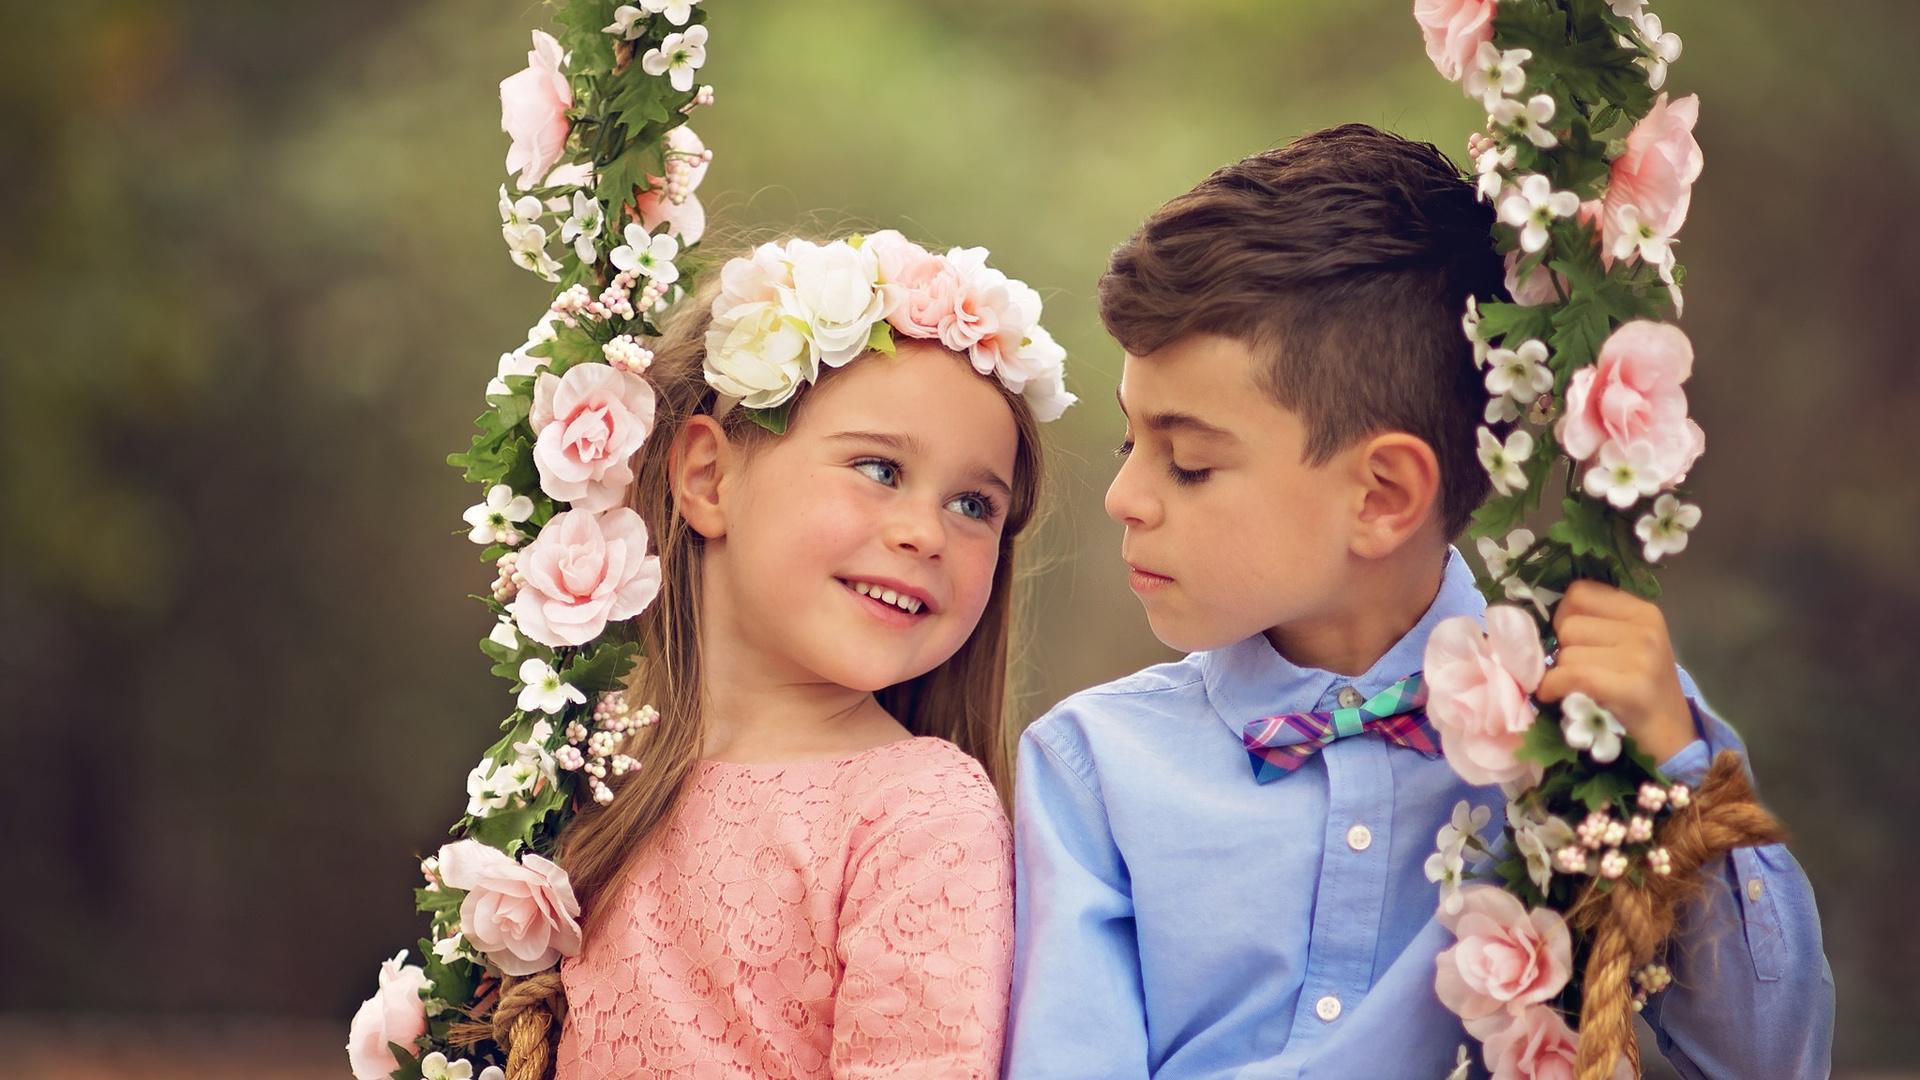 Фото мальчик с мальчиком, Мальчик Изображения Pixabay Скачать бесплатные 25 фотография